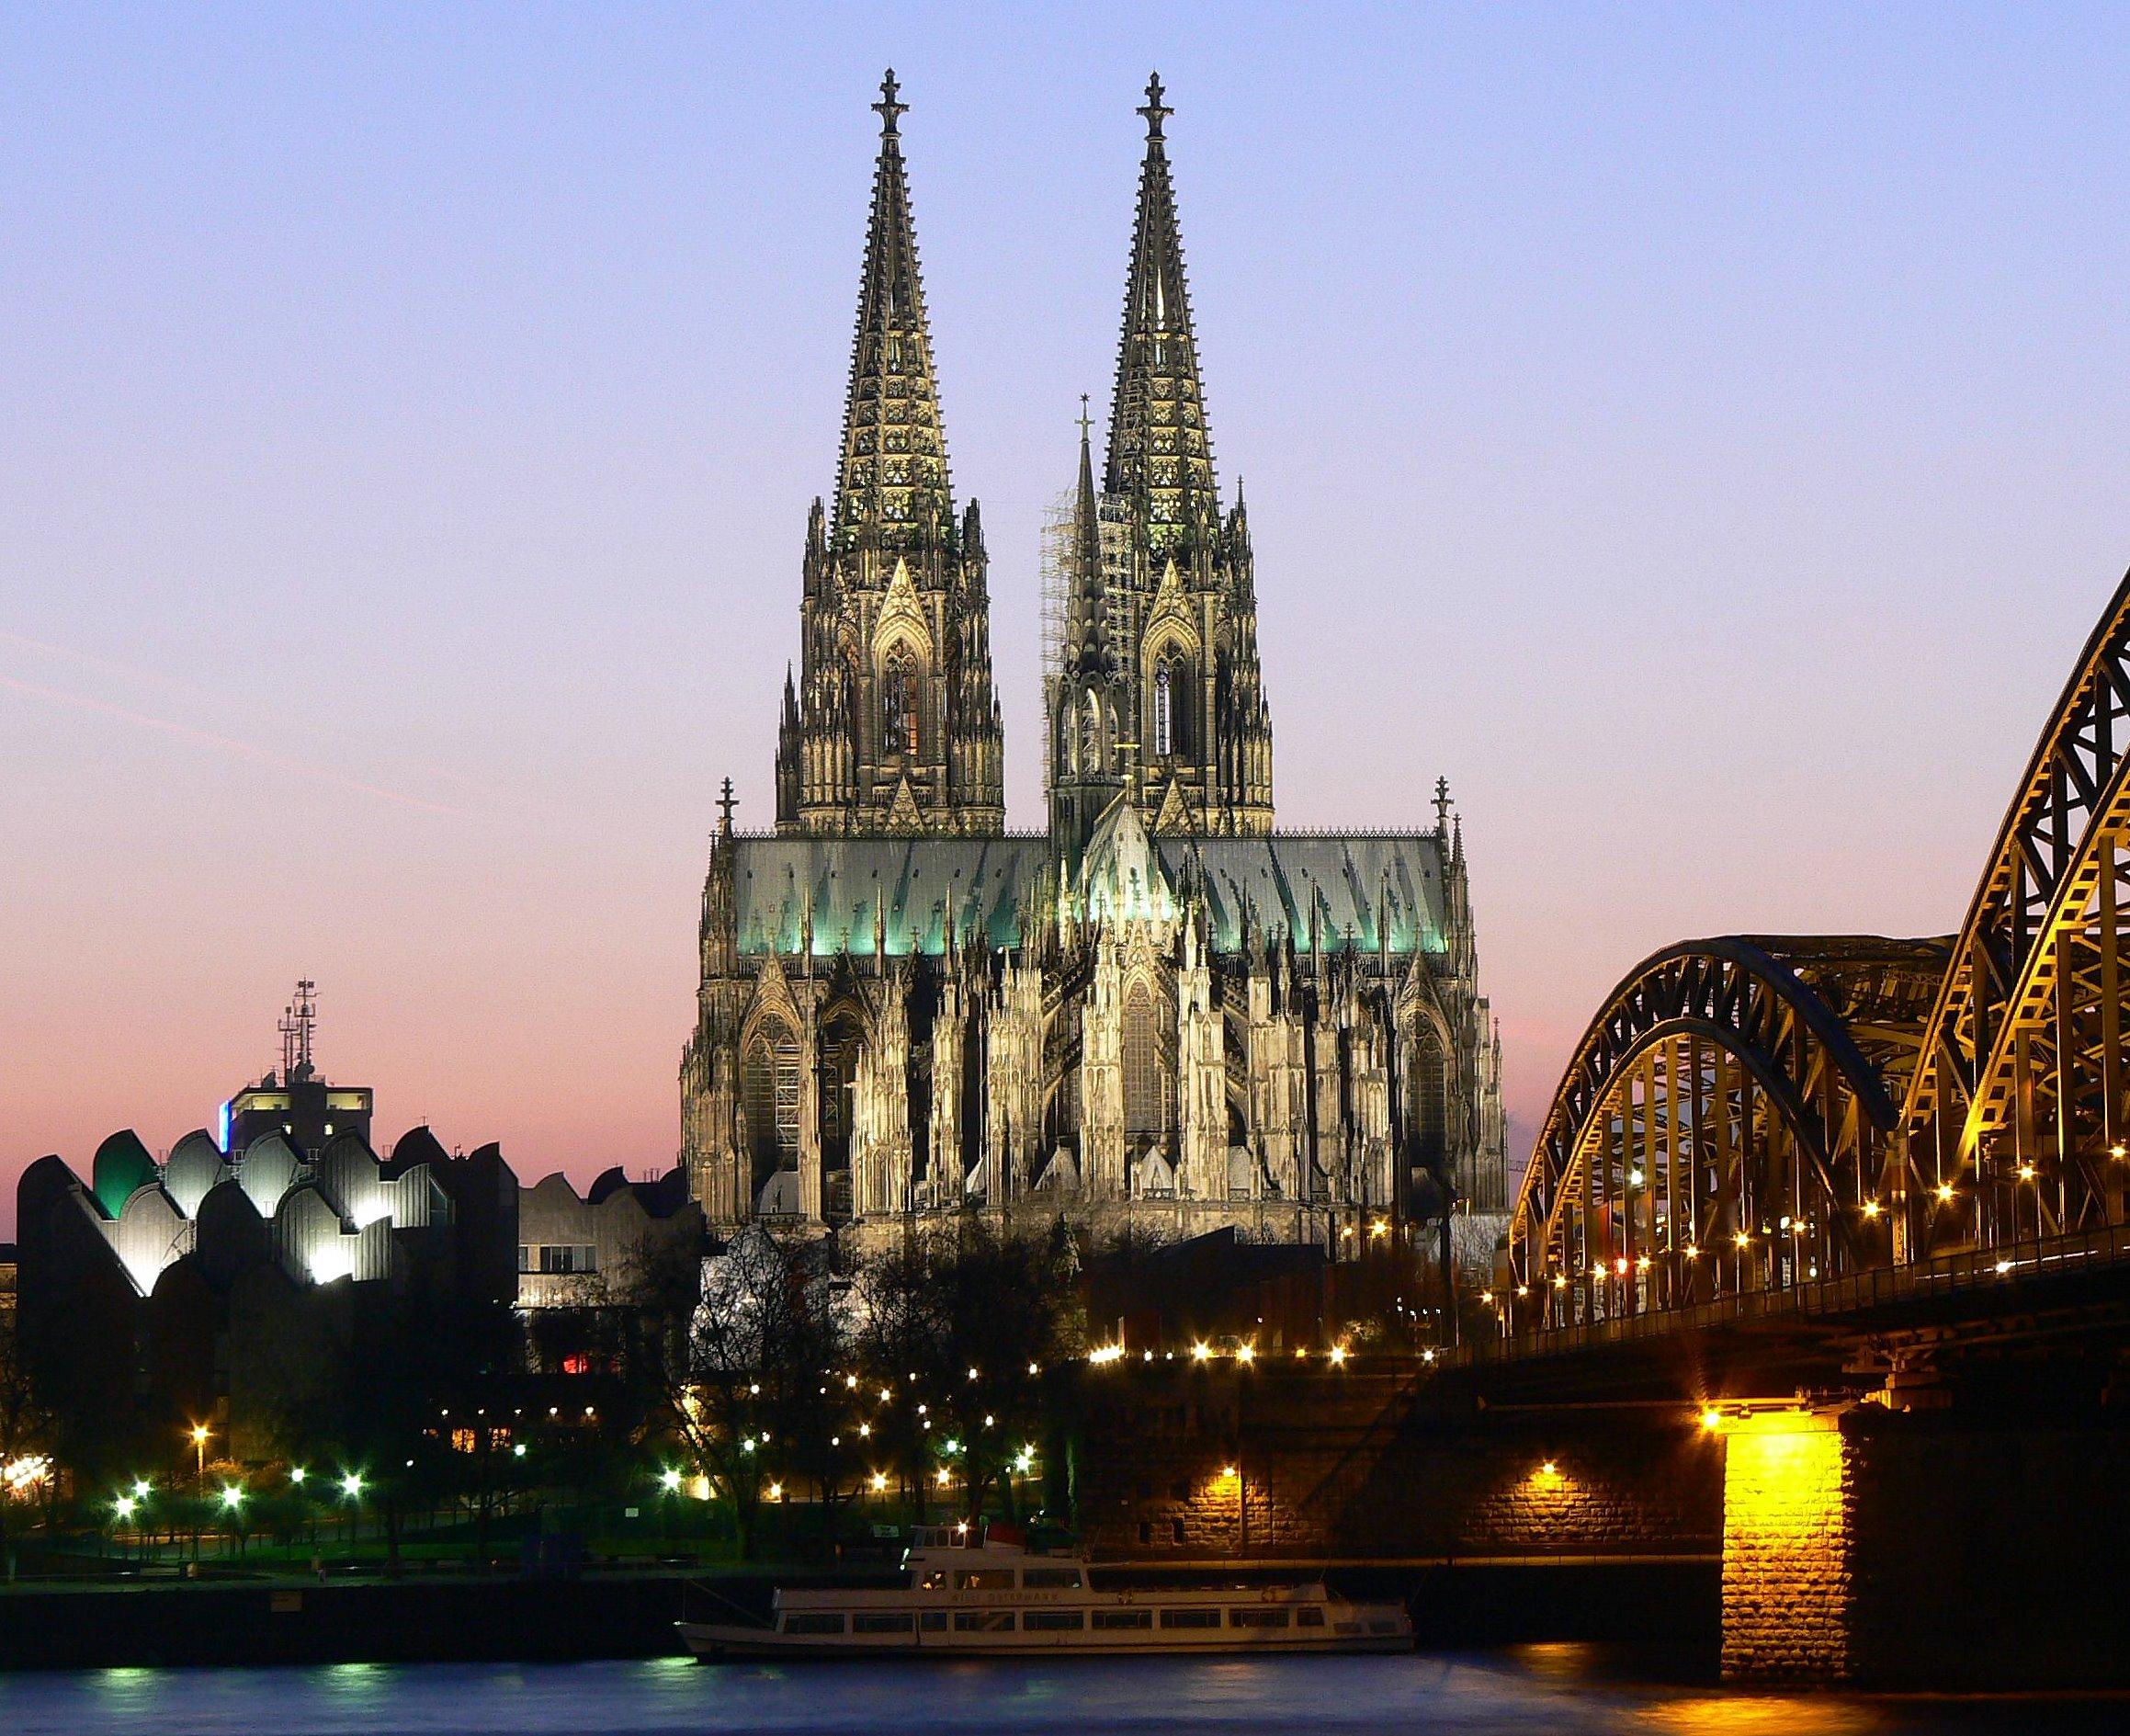 7baac05fc899 ヨーロッパ観光に役立つ 歴史建築講座(ネオ・ゴシック様式) – Trendy ...